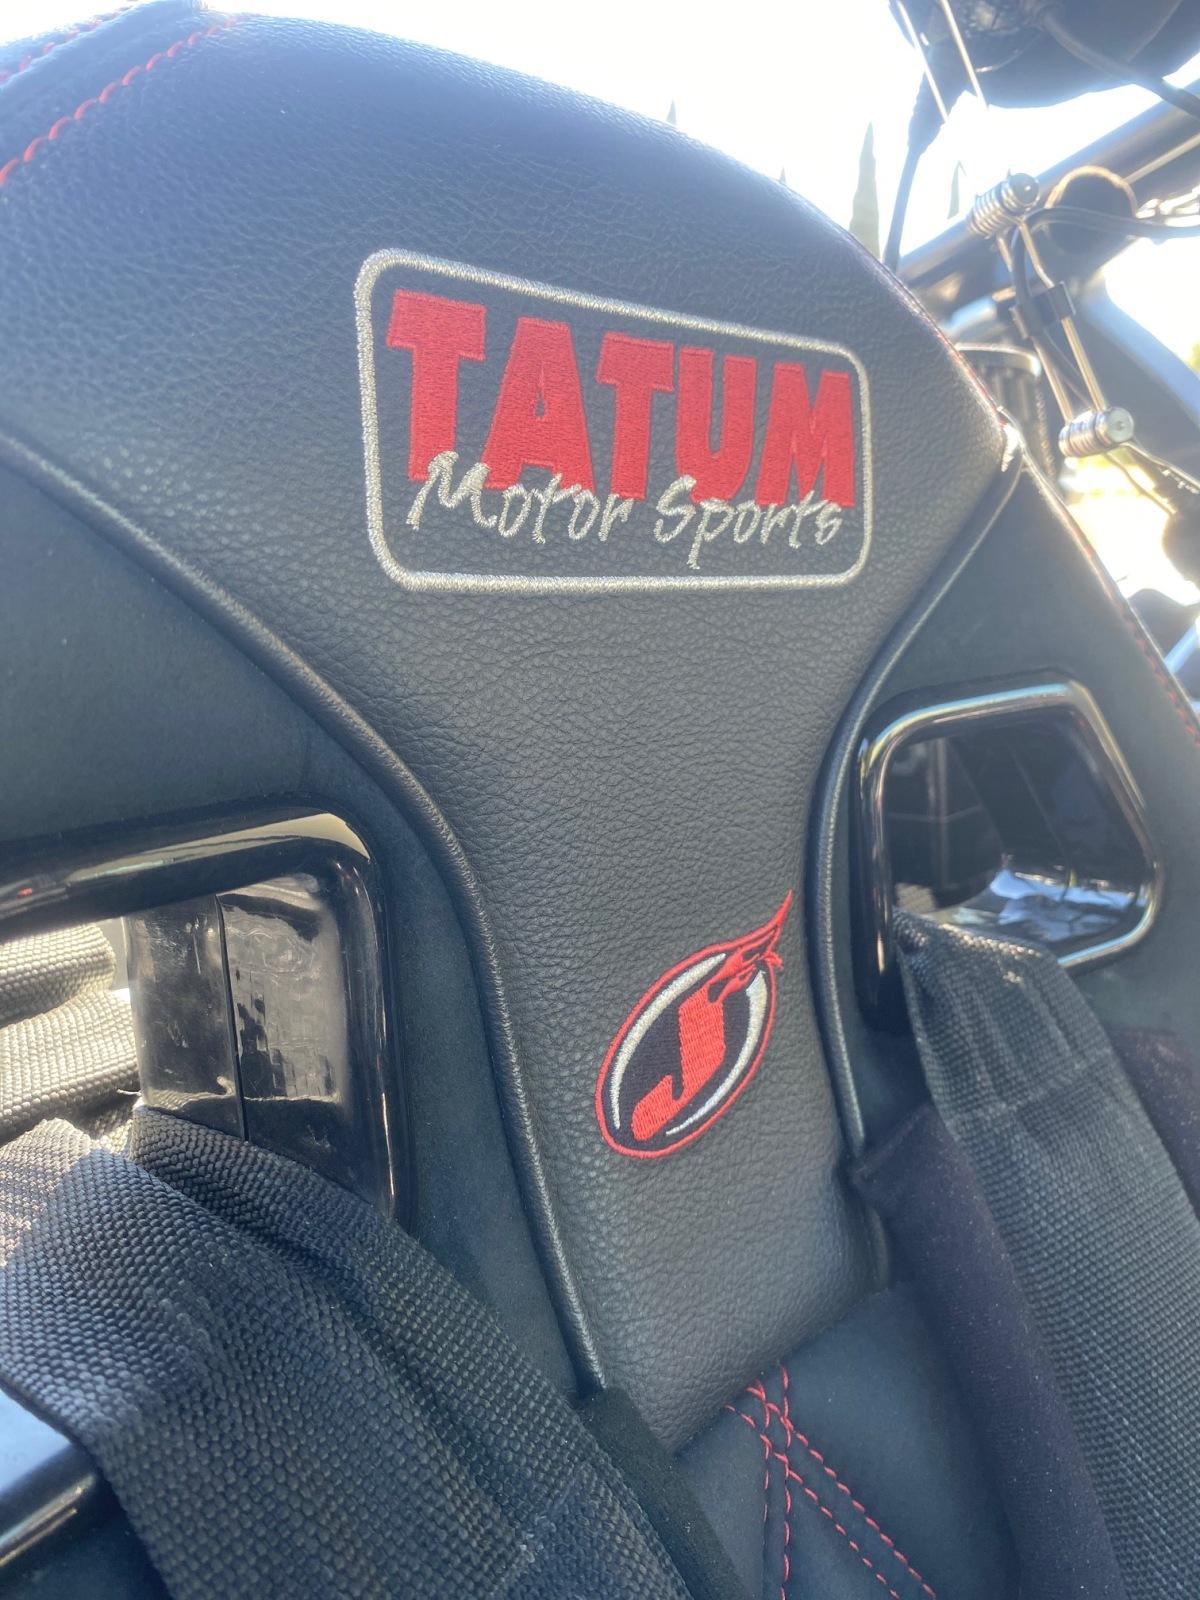 For Sale: ***TATUM TRX-2 - REDLINE TT 454 - ALBINS SEQUENTIAL - MOTEC C1212*** - photo16